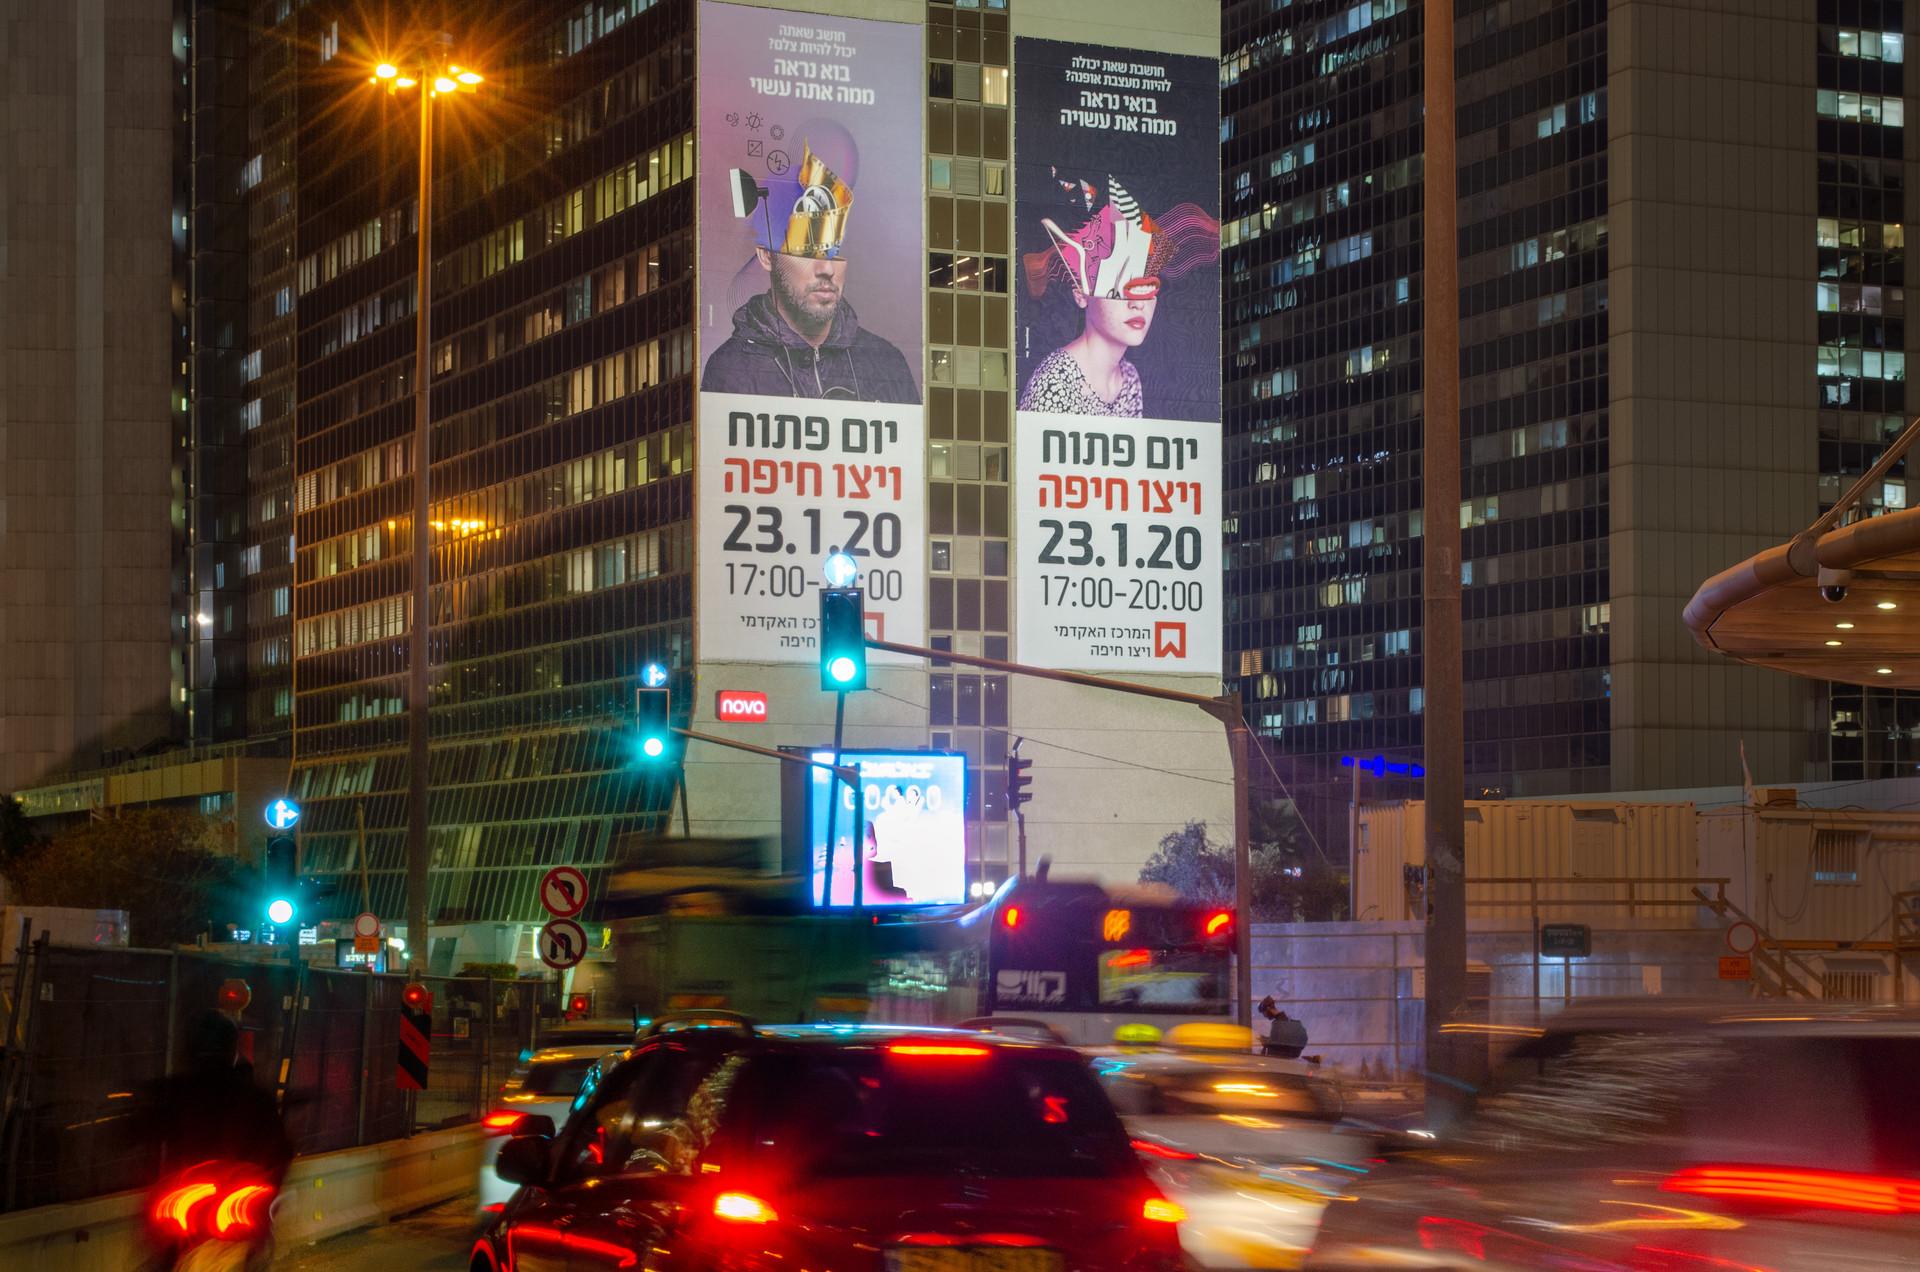 שלטי חוצות של ויצו חיפה בצומת עלית